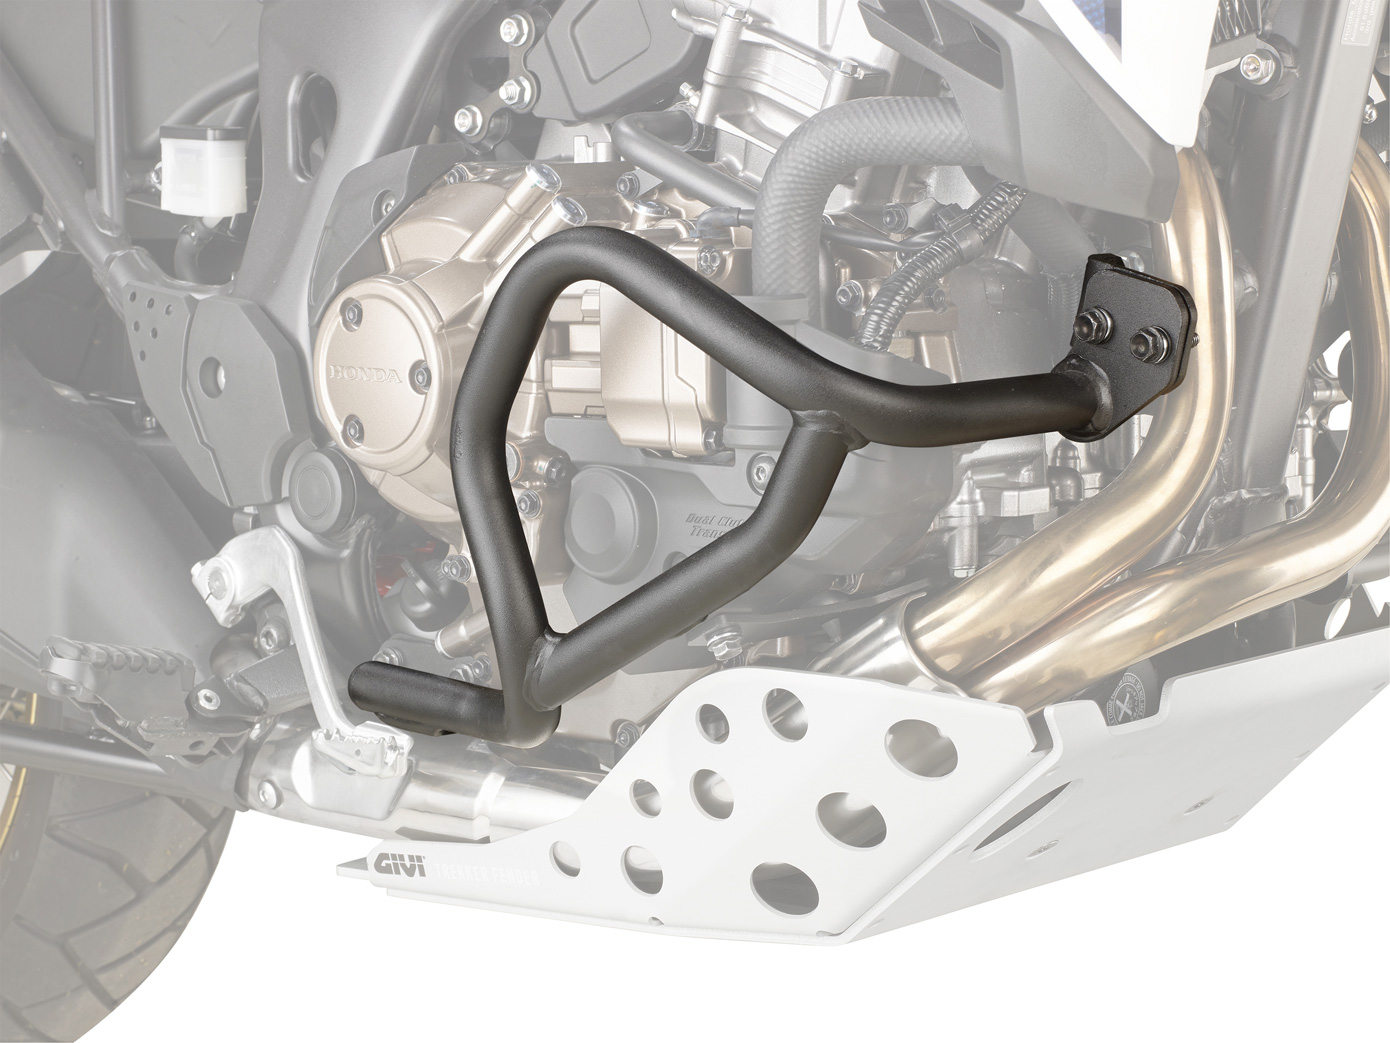 【バイク ガード】GIVI CRF1000L アフリカツイン エンジンガード DCTモデル用